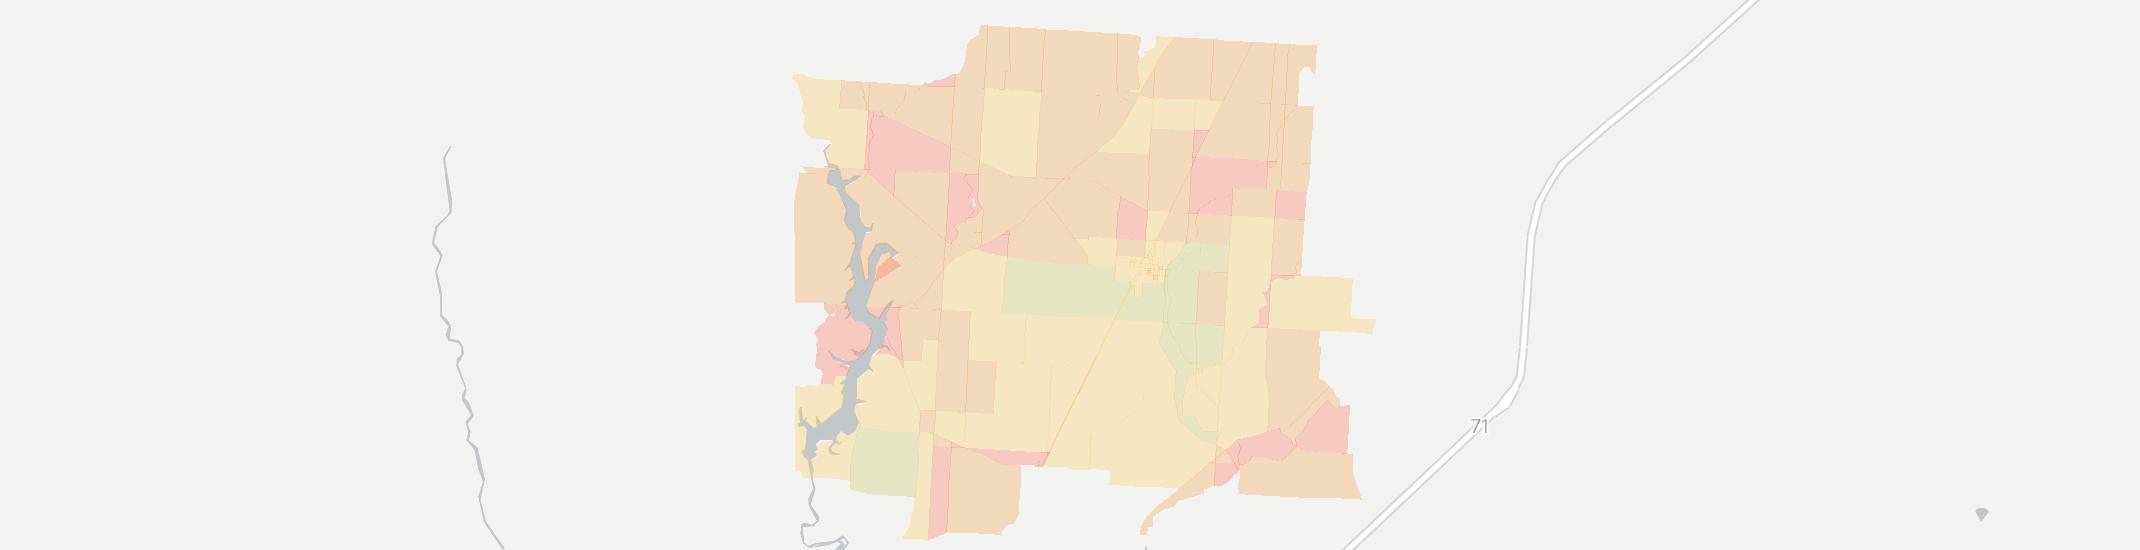 Ashley Ohio Map.Internet Providers In Ashley Oh Compare 13 Providers